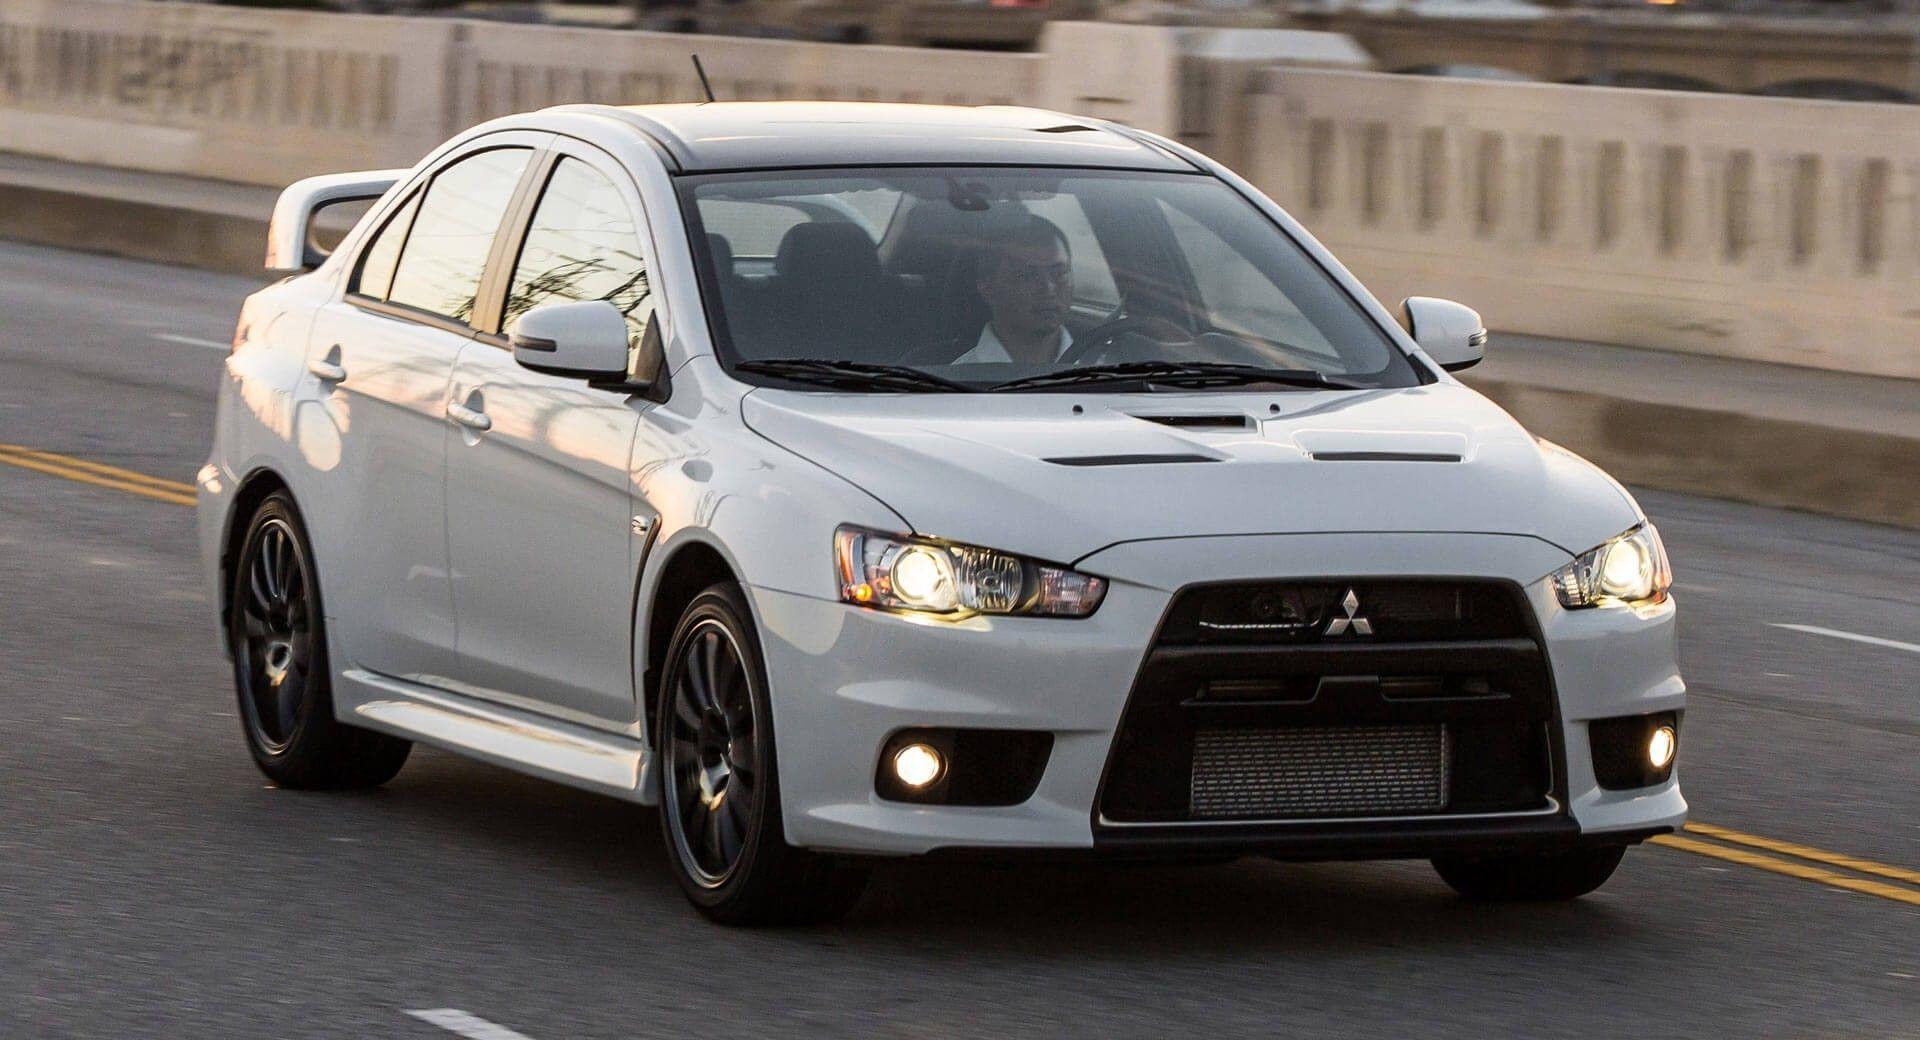 2020 Mitsubishi Evo Xi Picture Release Date And Review Mitsubishi Lancer Evolution Mitsubishi Lancer Mitsubishi Evo